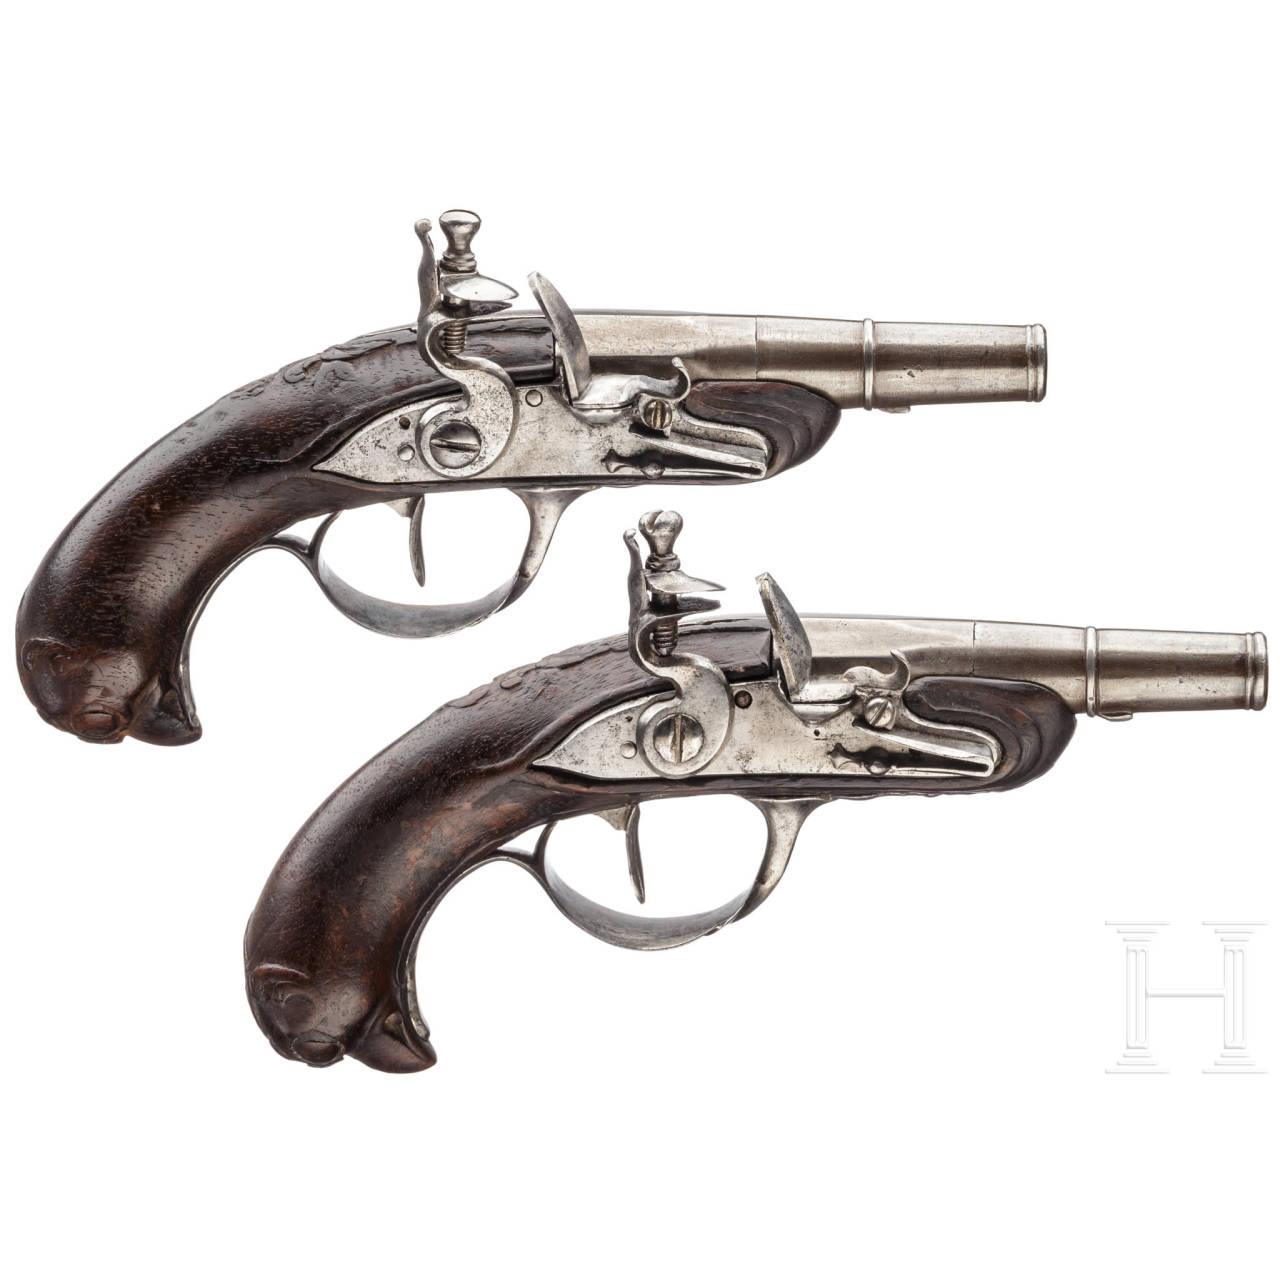 Ein Paar Reisepistolen, Frankreich, um 1780